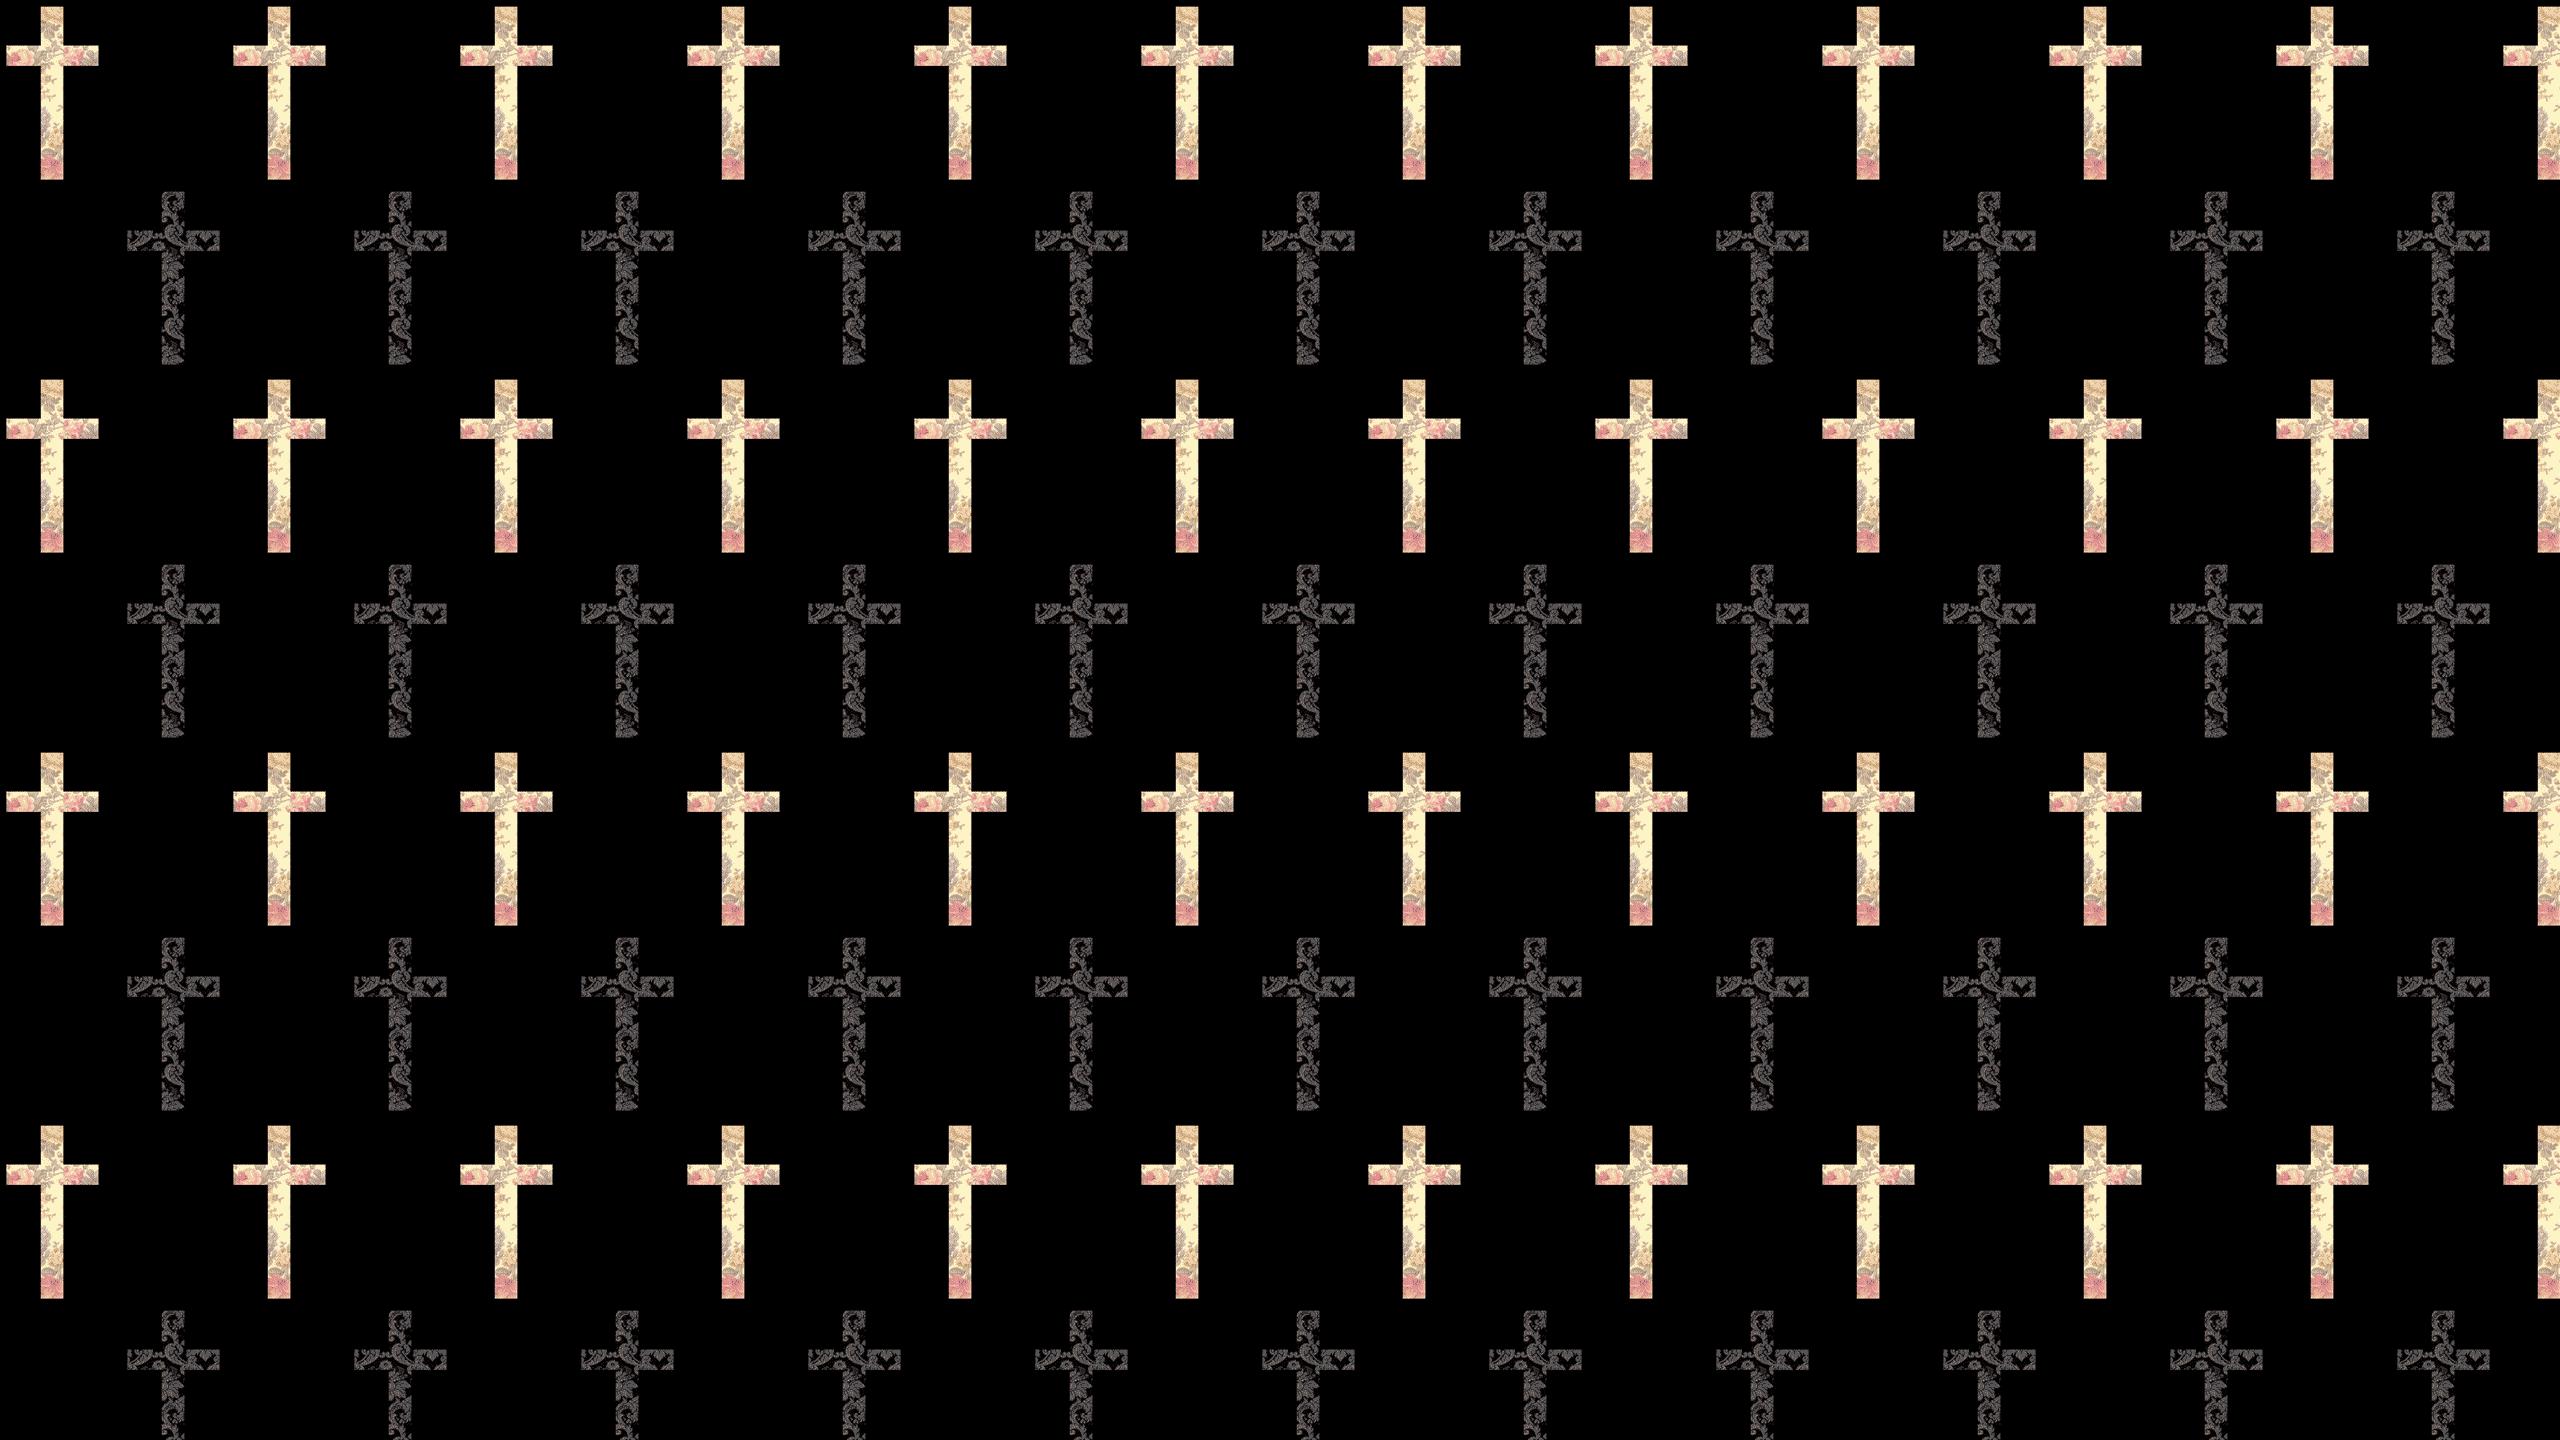 desktop cross hipster themes wallpaper wallpapers 2560x1440 2560x1440